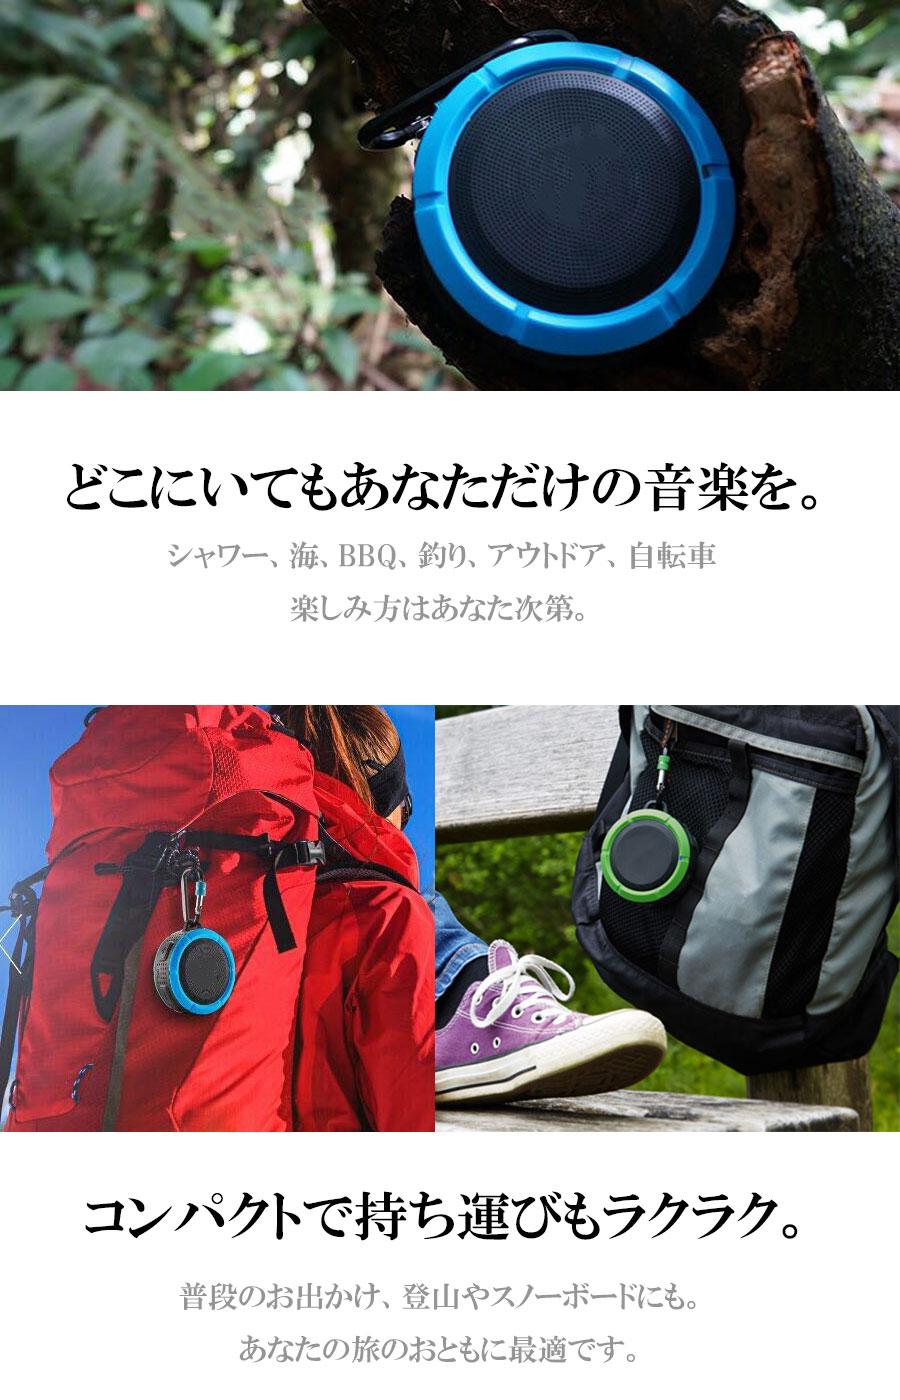 防水 スピーカー 防水スピーカー Bluetoothスピーカー Bluetooth スピーカー スマートフォン iphone スピーカー ポータブル スピーカー ワイヤレス スピーカー ポータブル スピーカー 小型 スピーカー iphone スピーカー ブルートゥース スピーカー パソコン